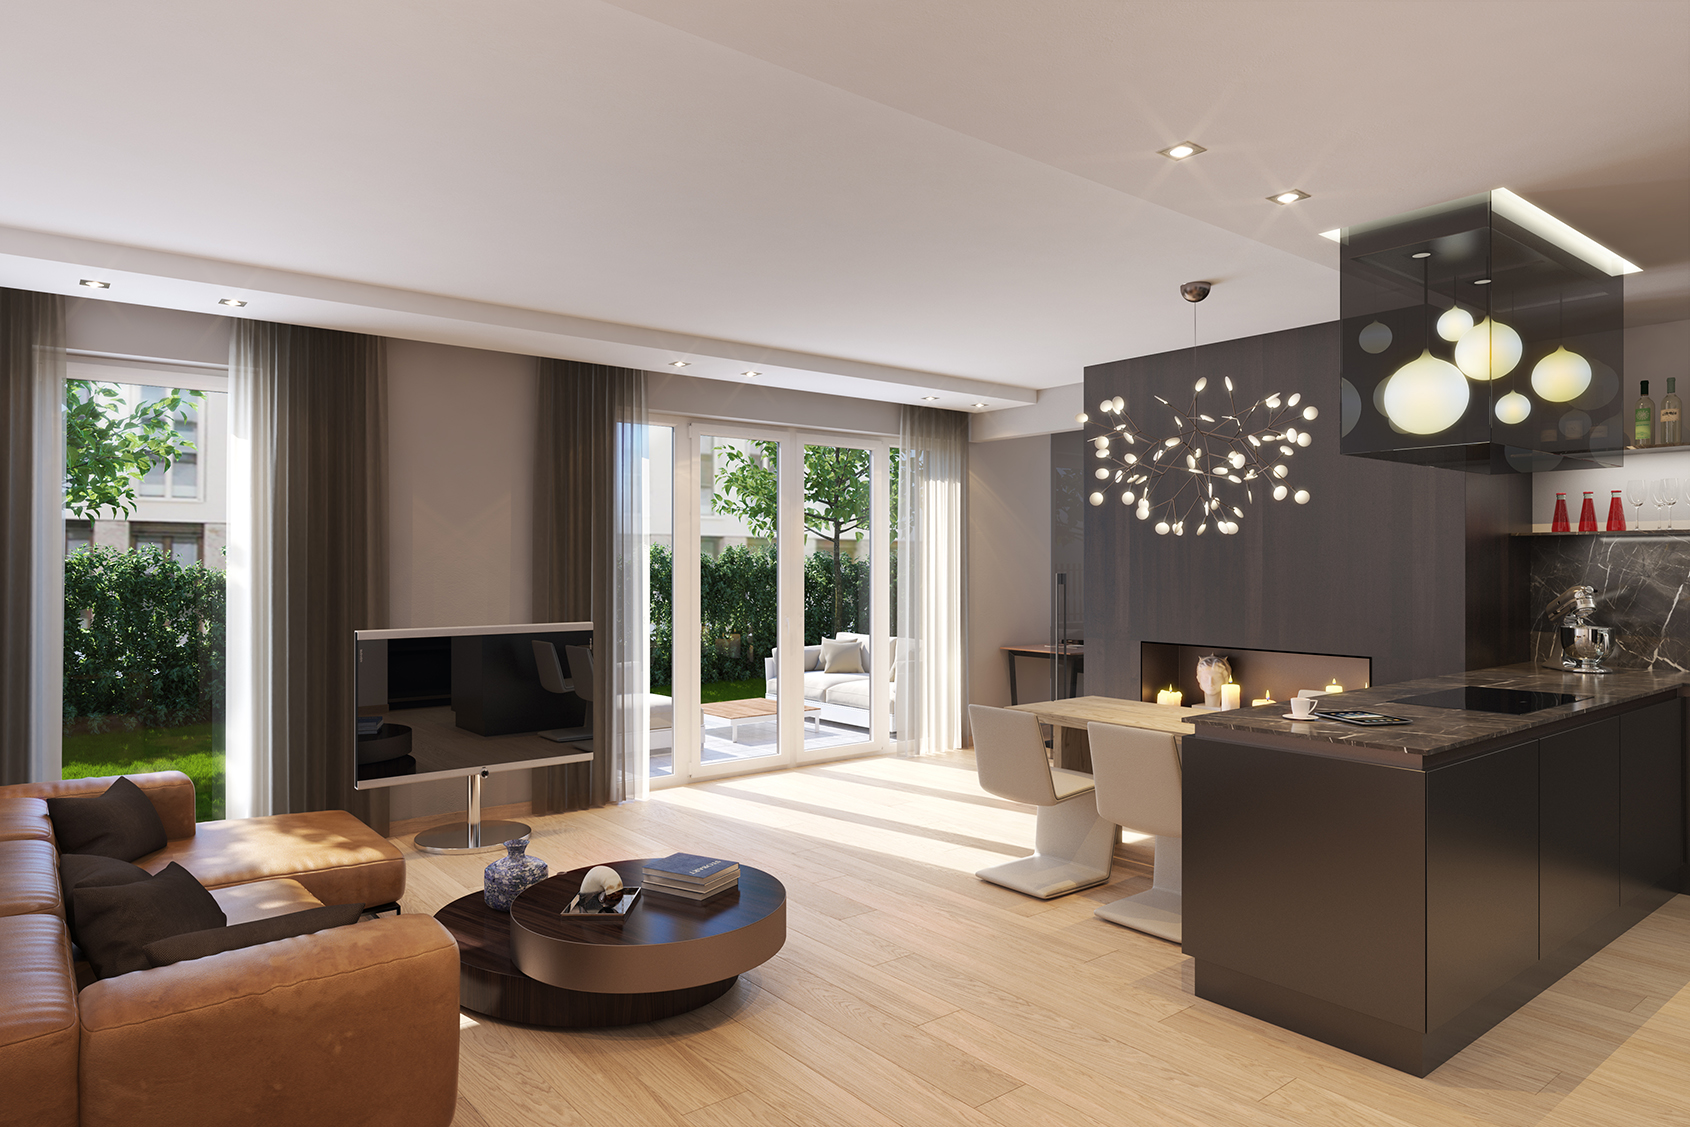 ludwig urban living muenchenarchitektur. Black Bedroom Furniture Sets. Home Design Ideas